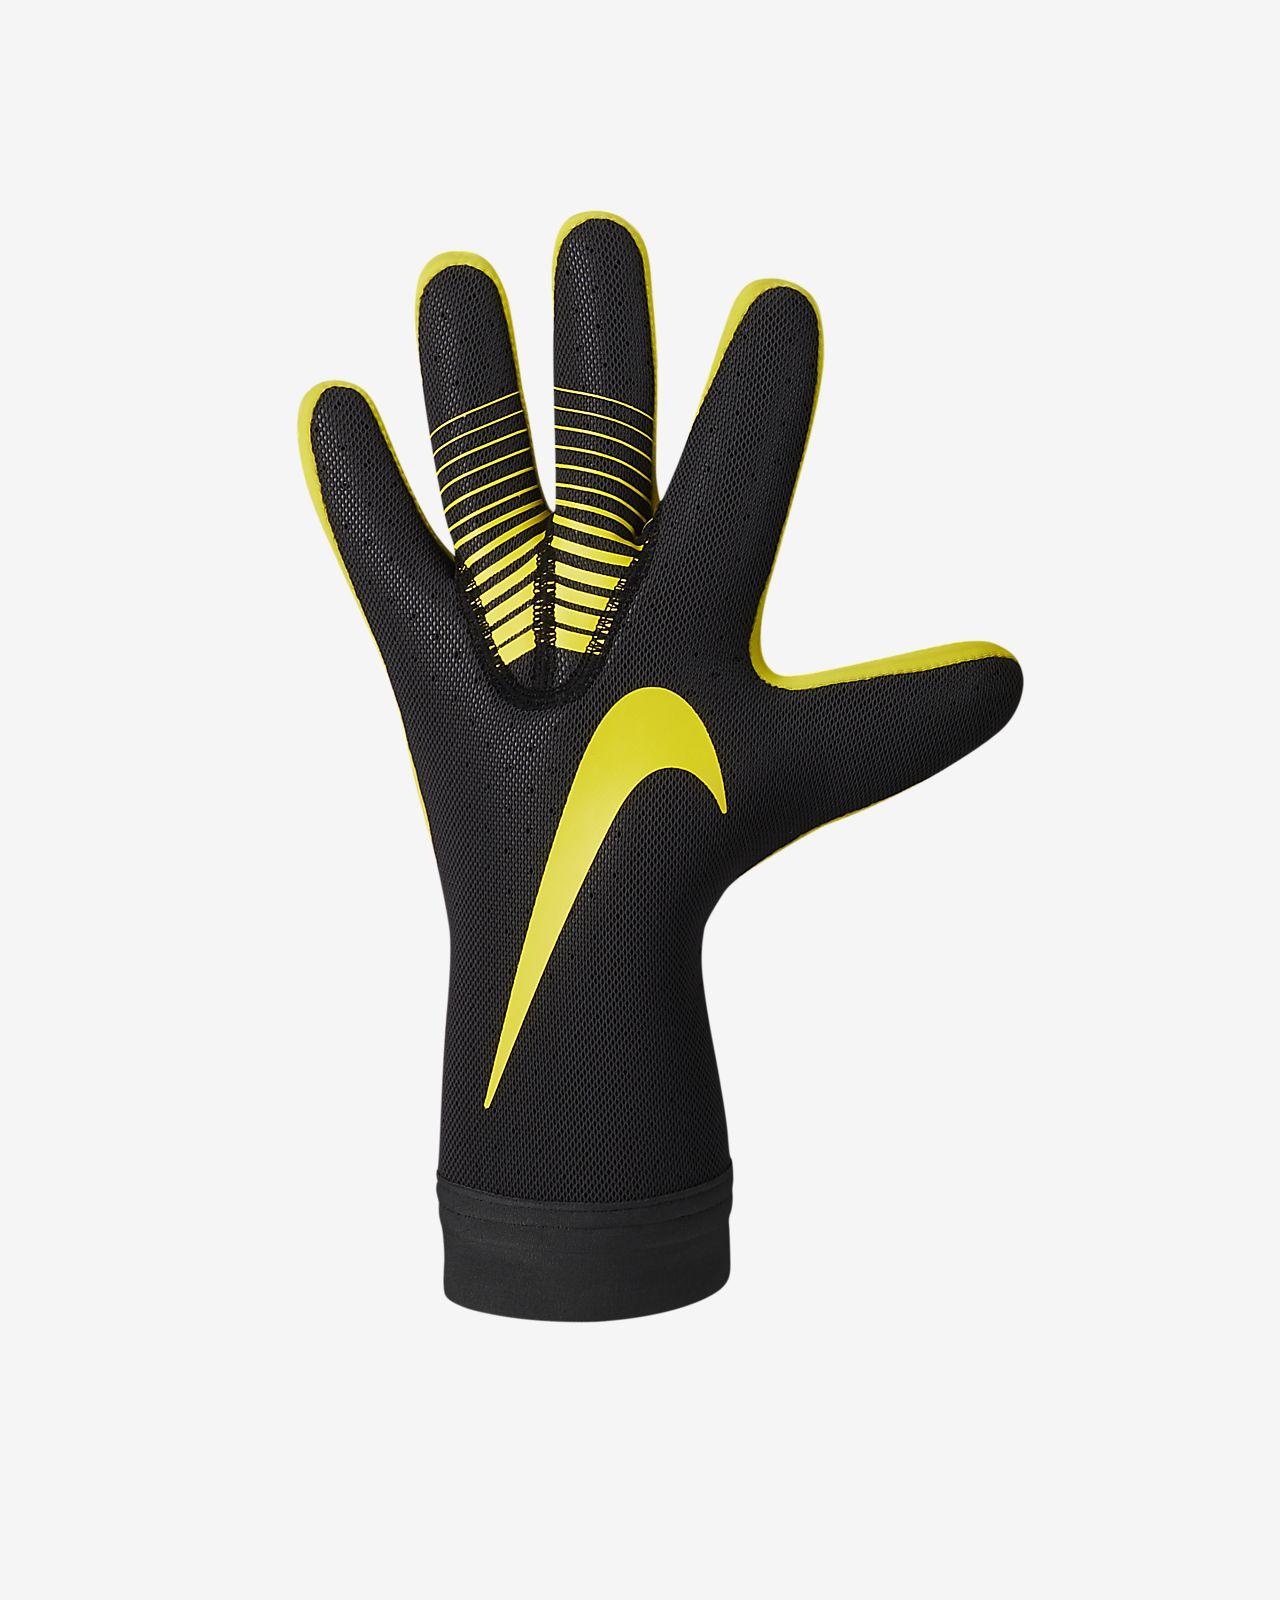 Gants de football Nike Goalkeeper Touch Elite